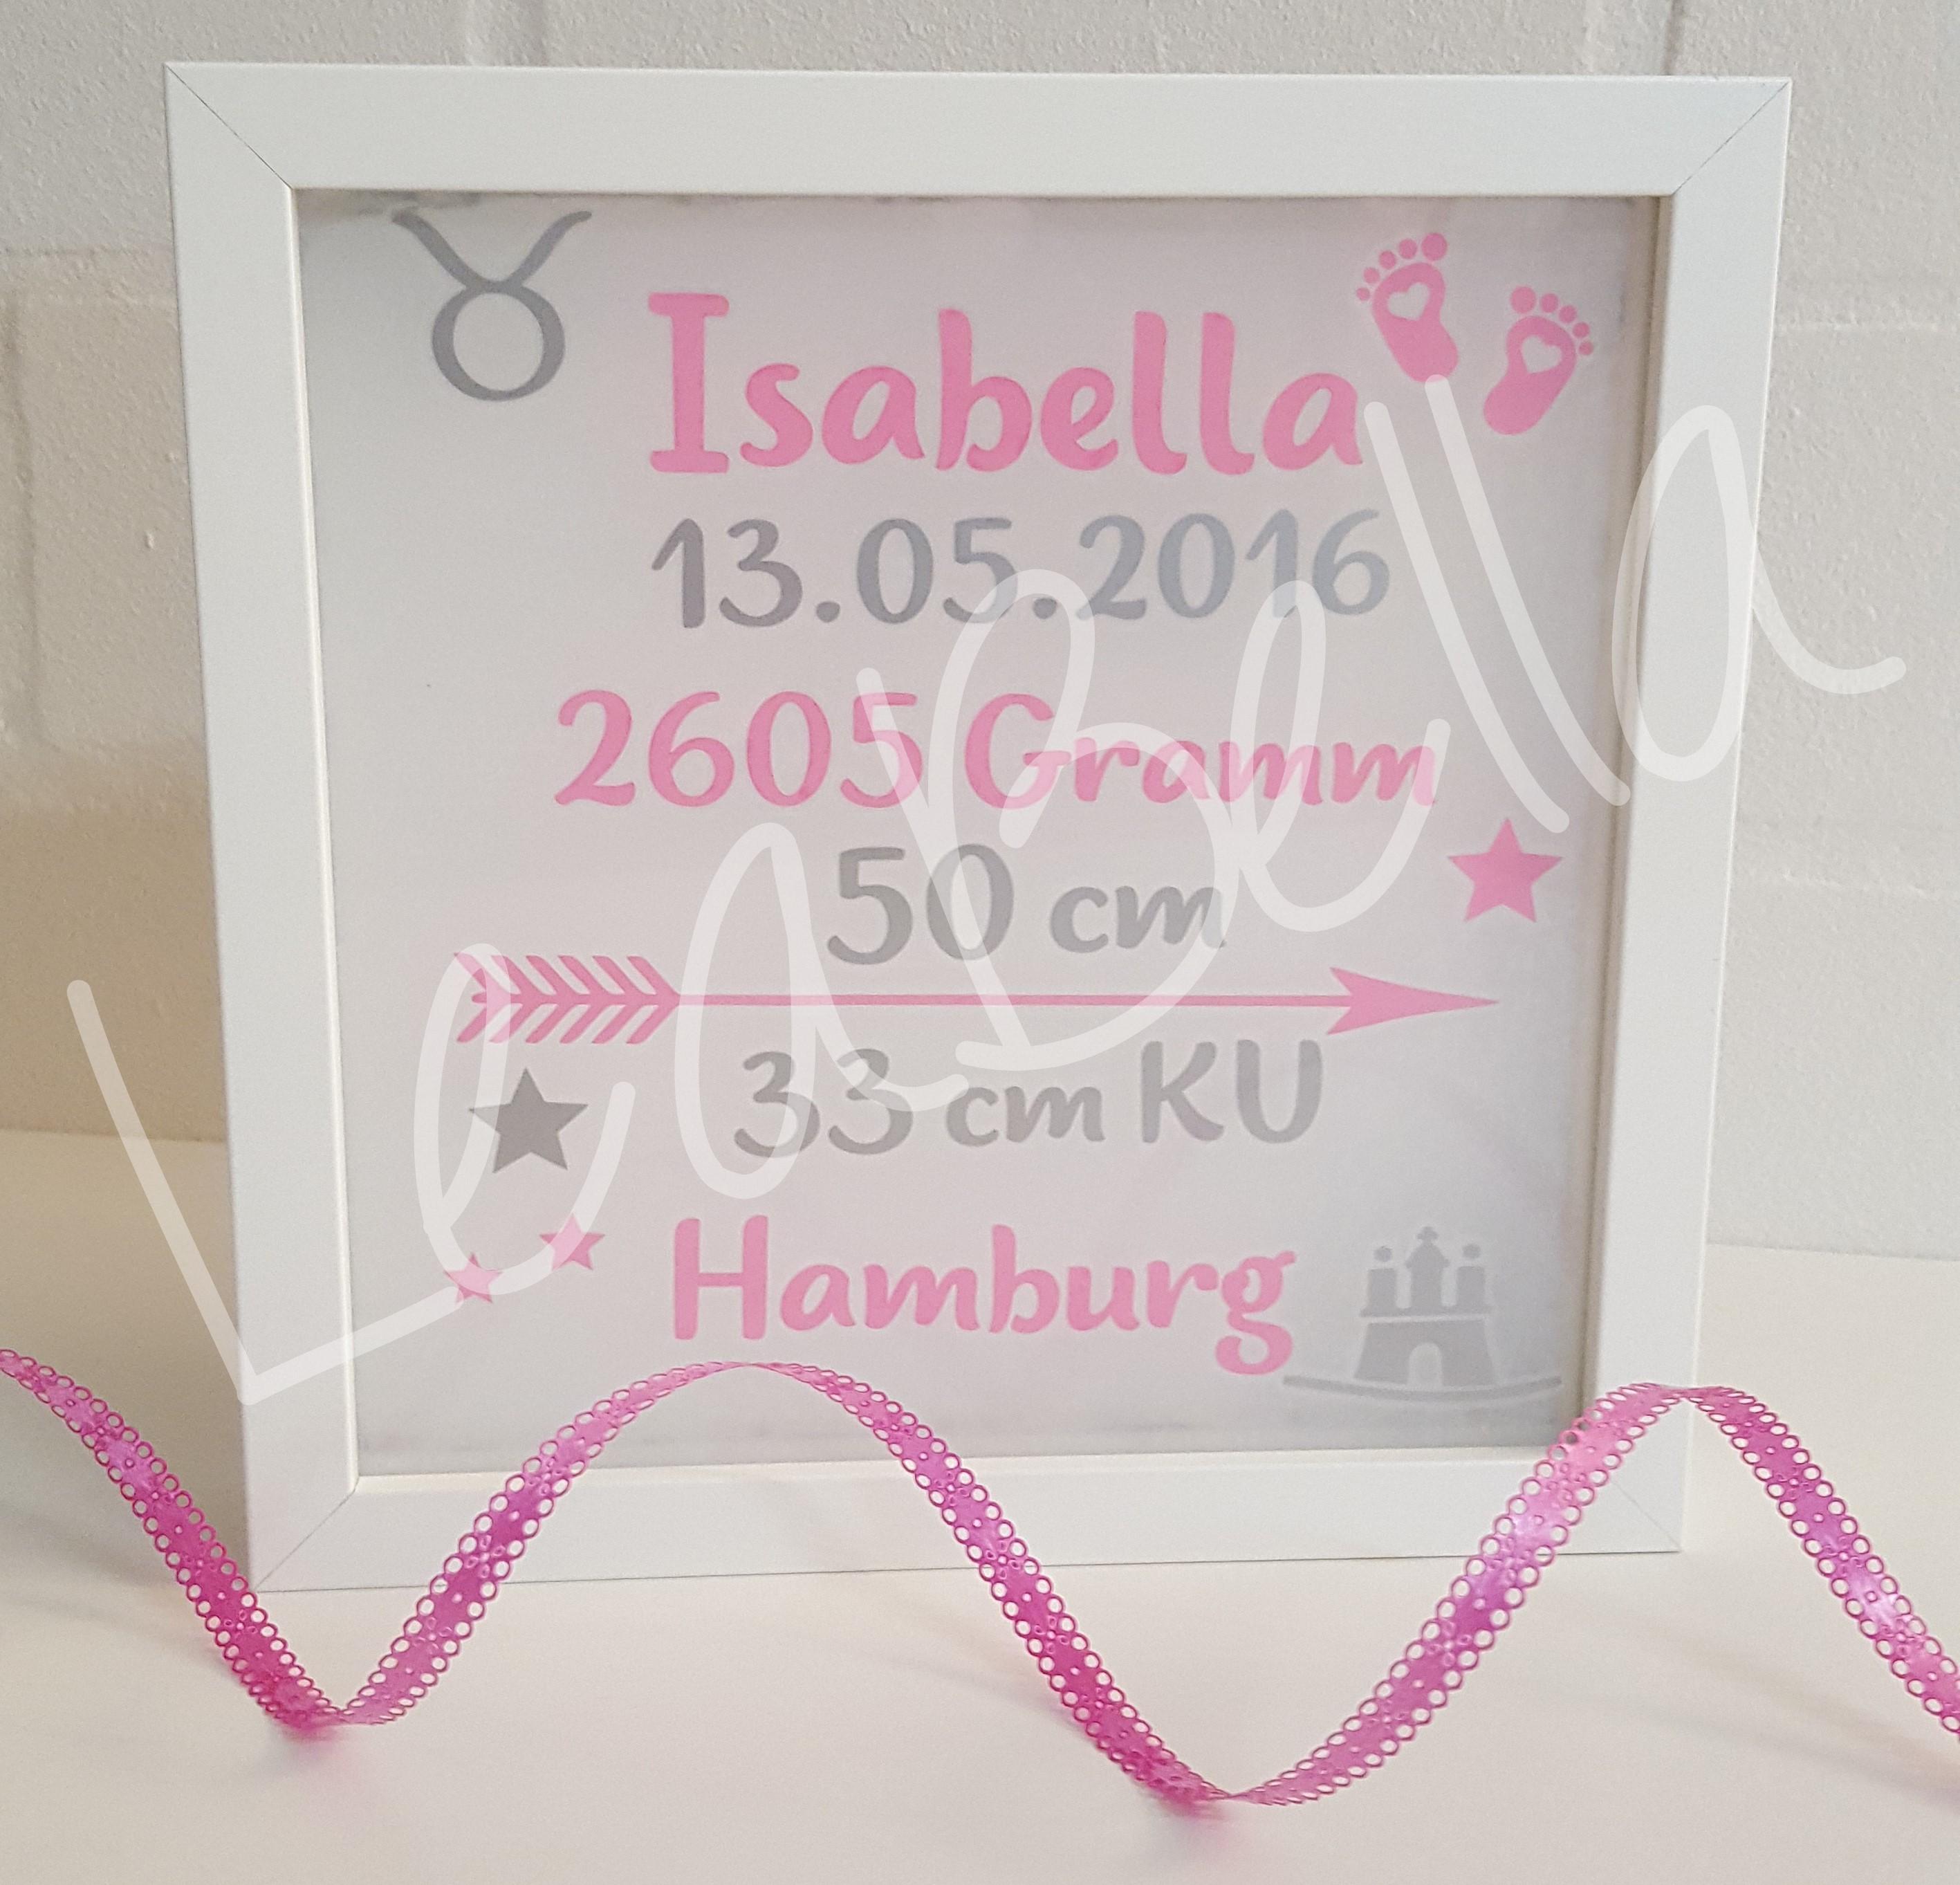 Geburtsrahmen kaufen - LeaBella - Handgemacht in BielefeldLeaBella ...